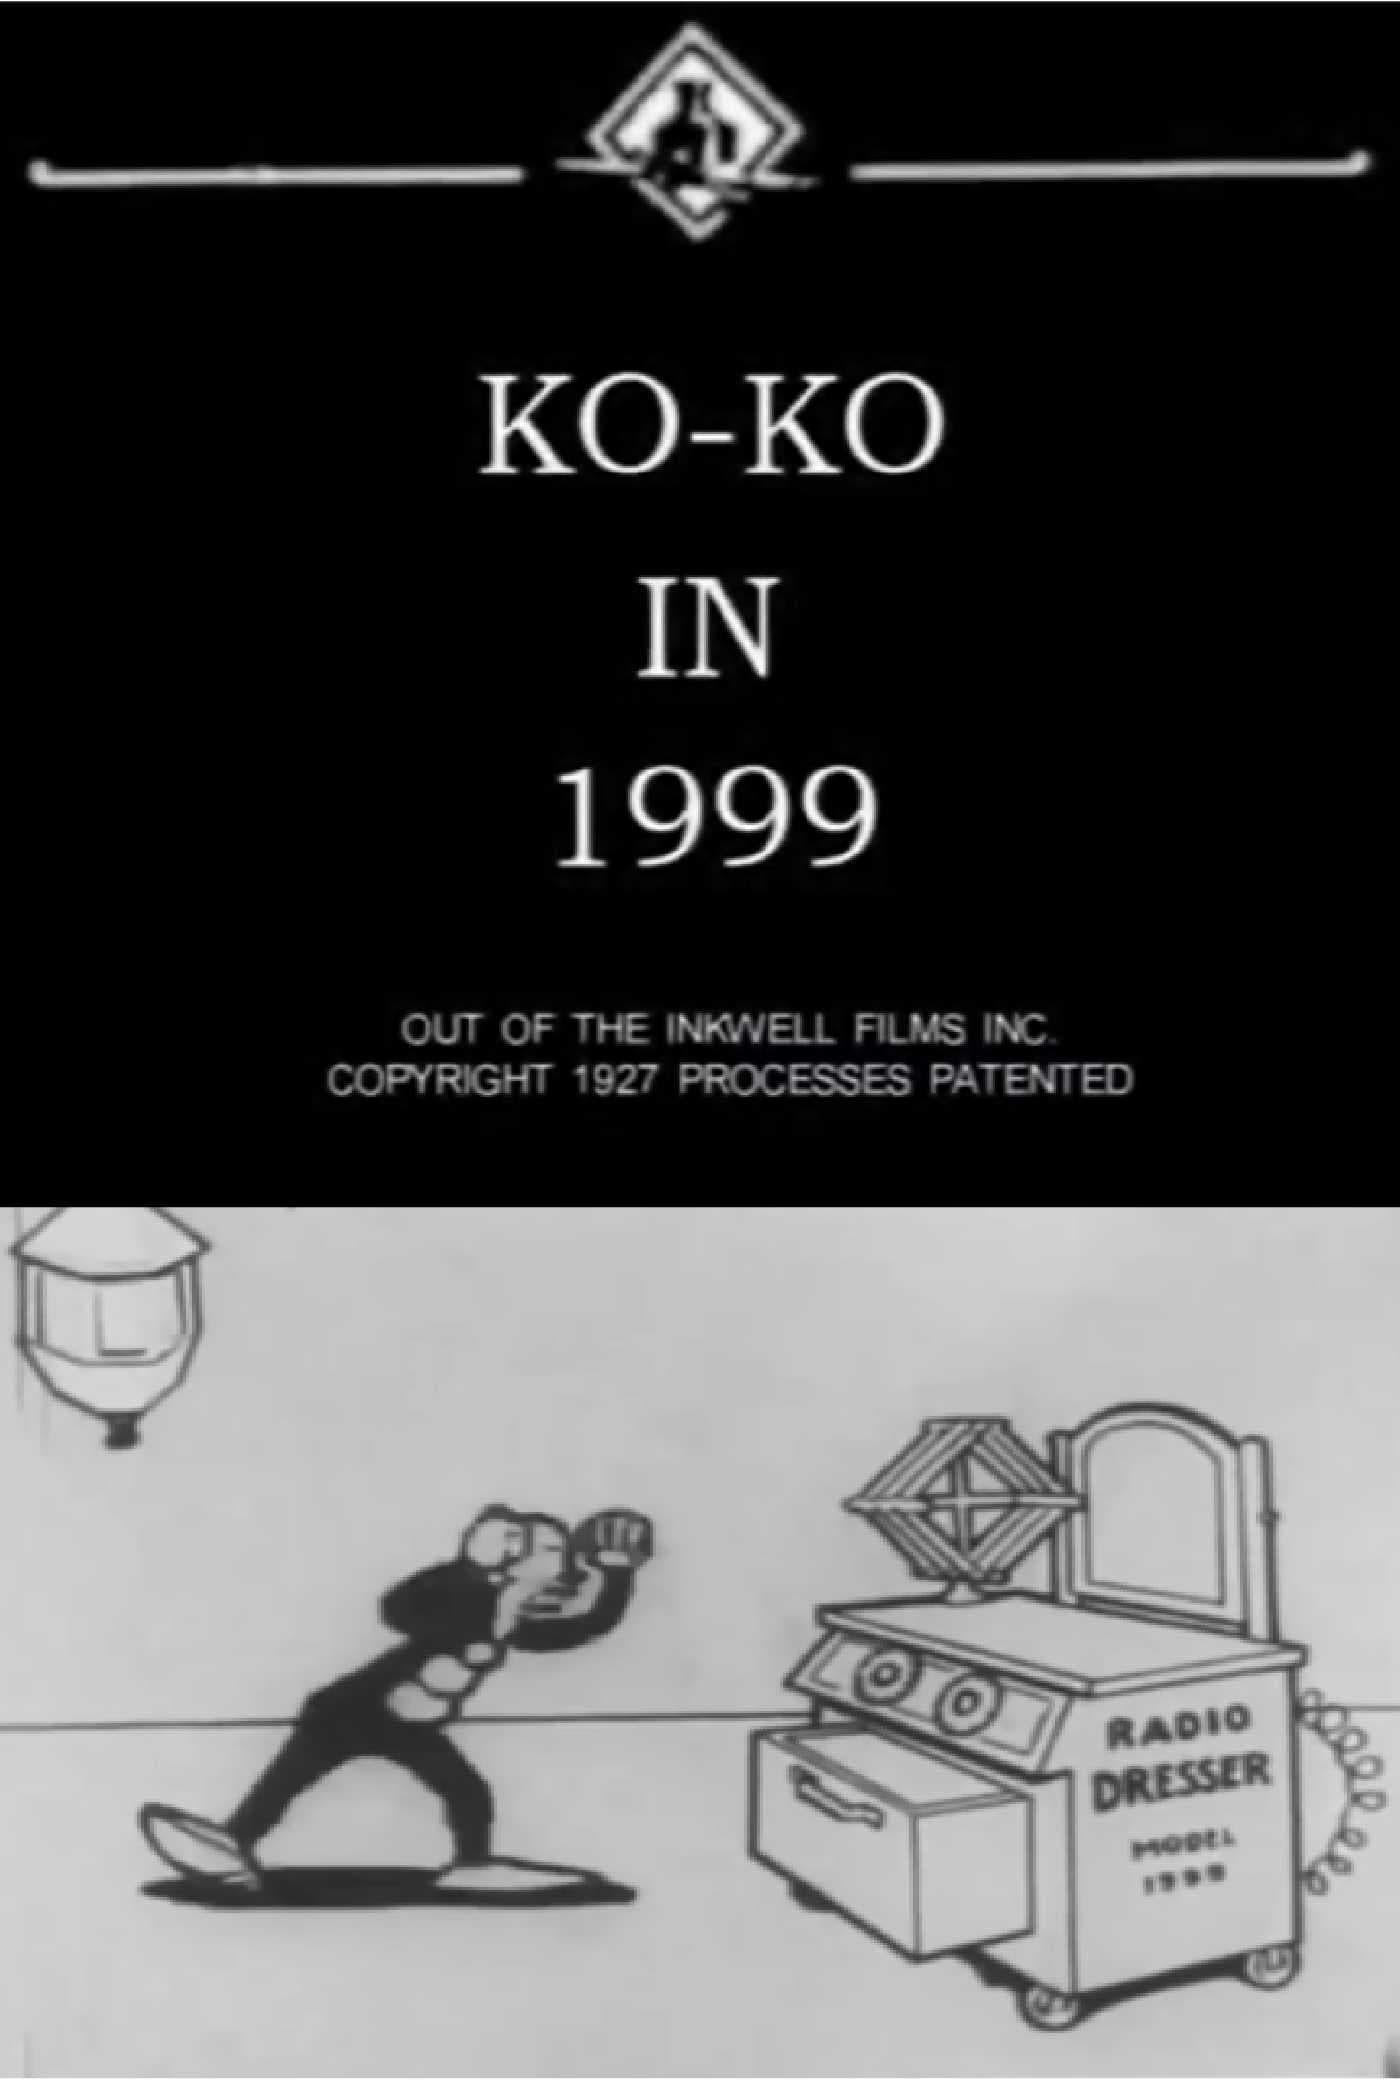 Koko in 1999